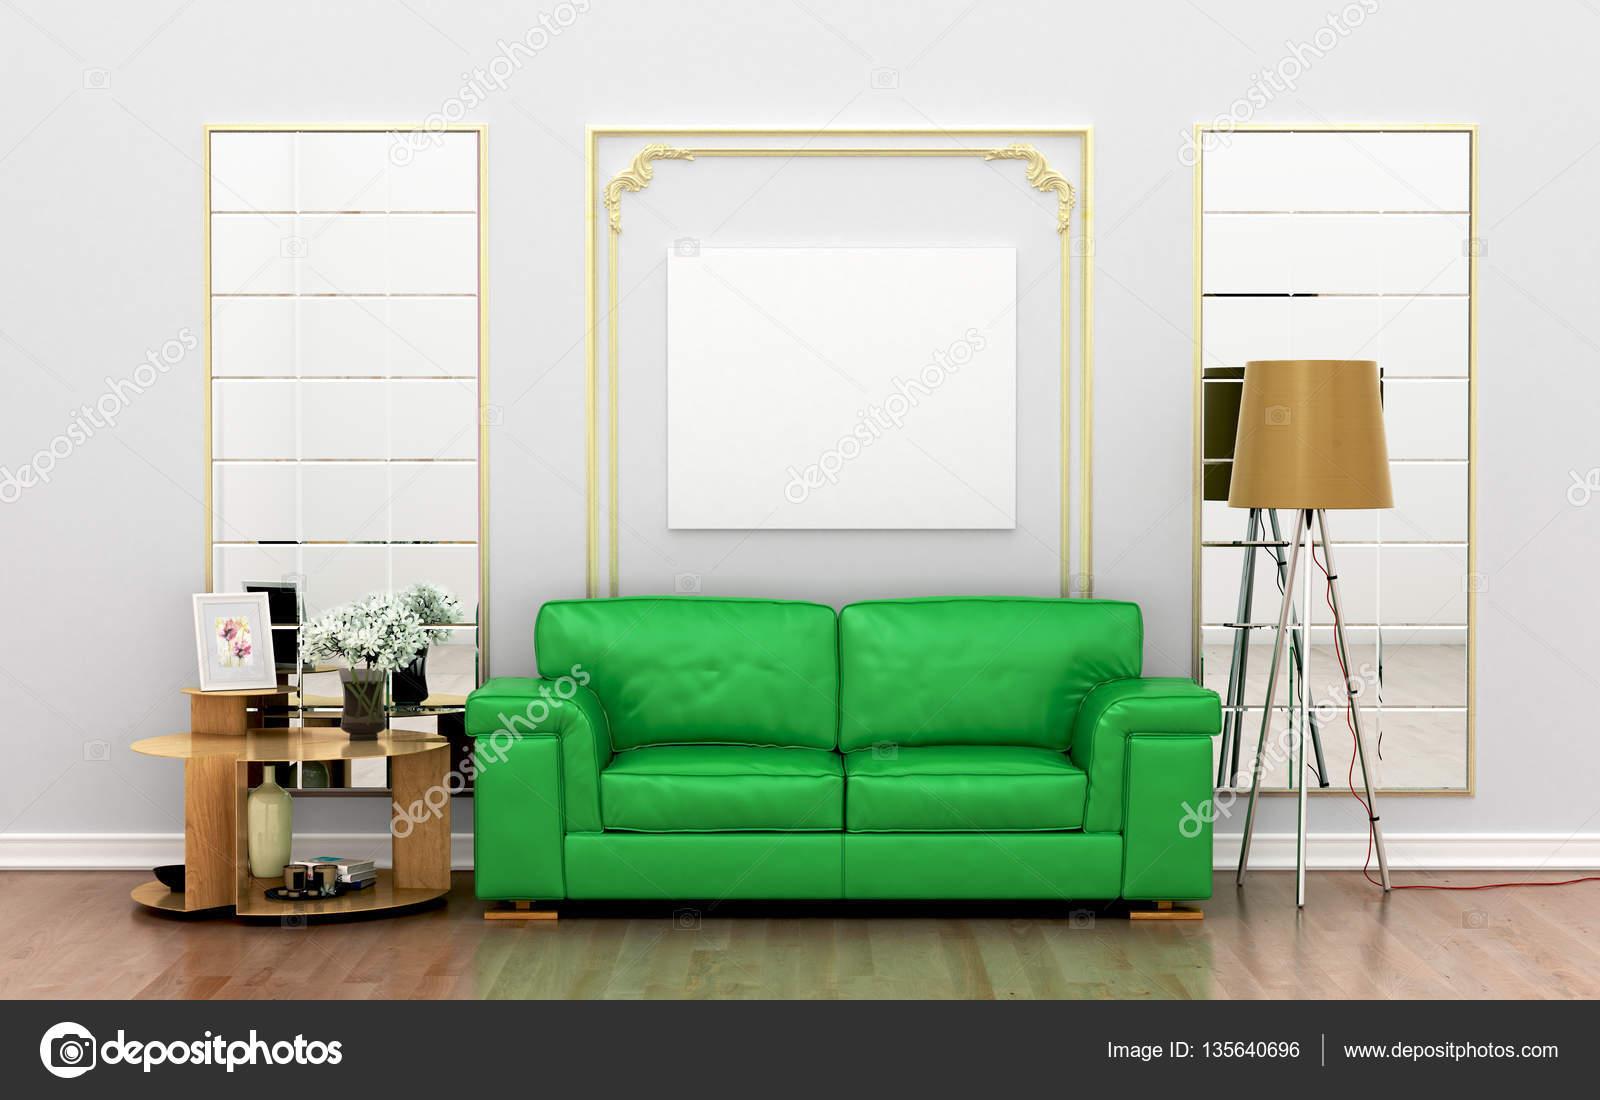 Grunes Sofa Mit Dekor Und Leere Weisse Leinwand An Der Wand